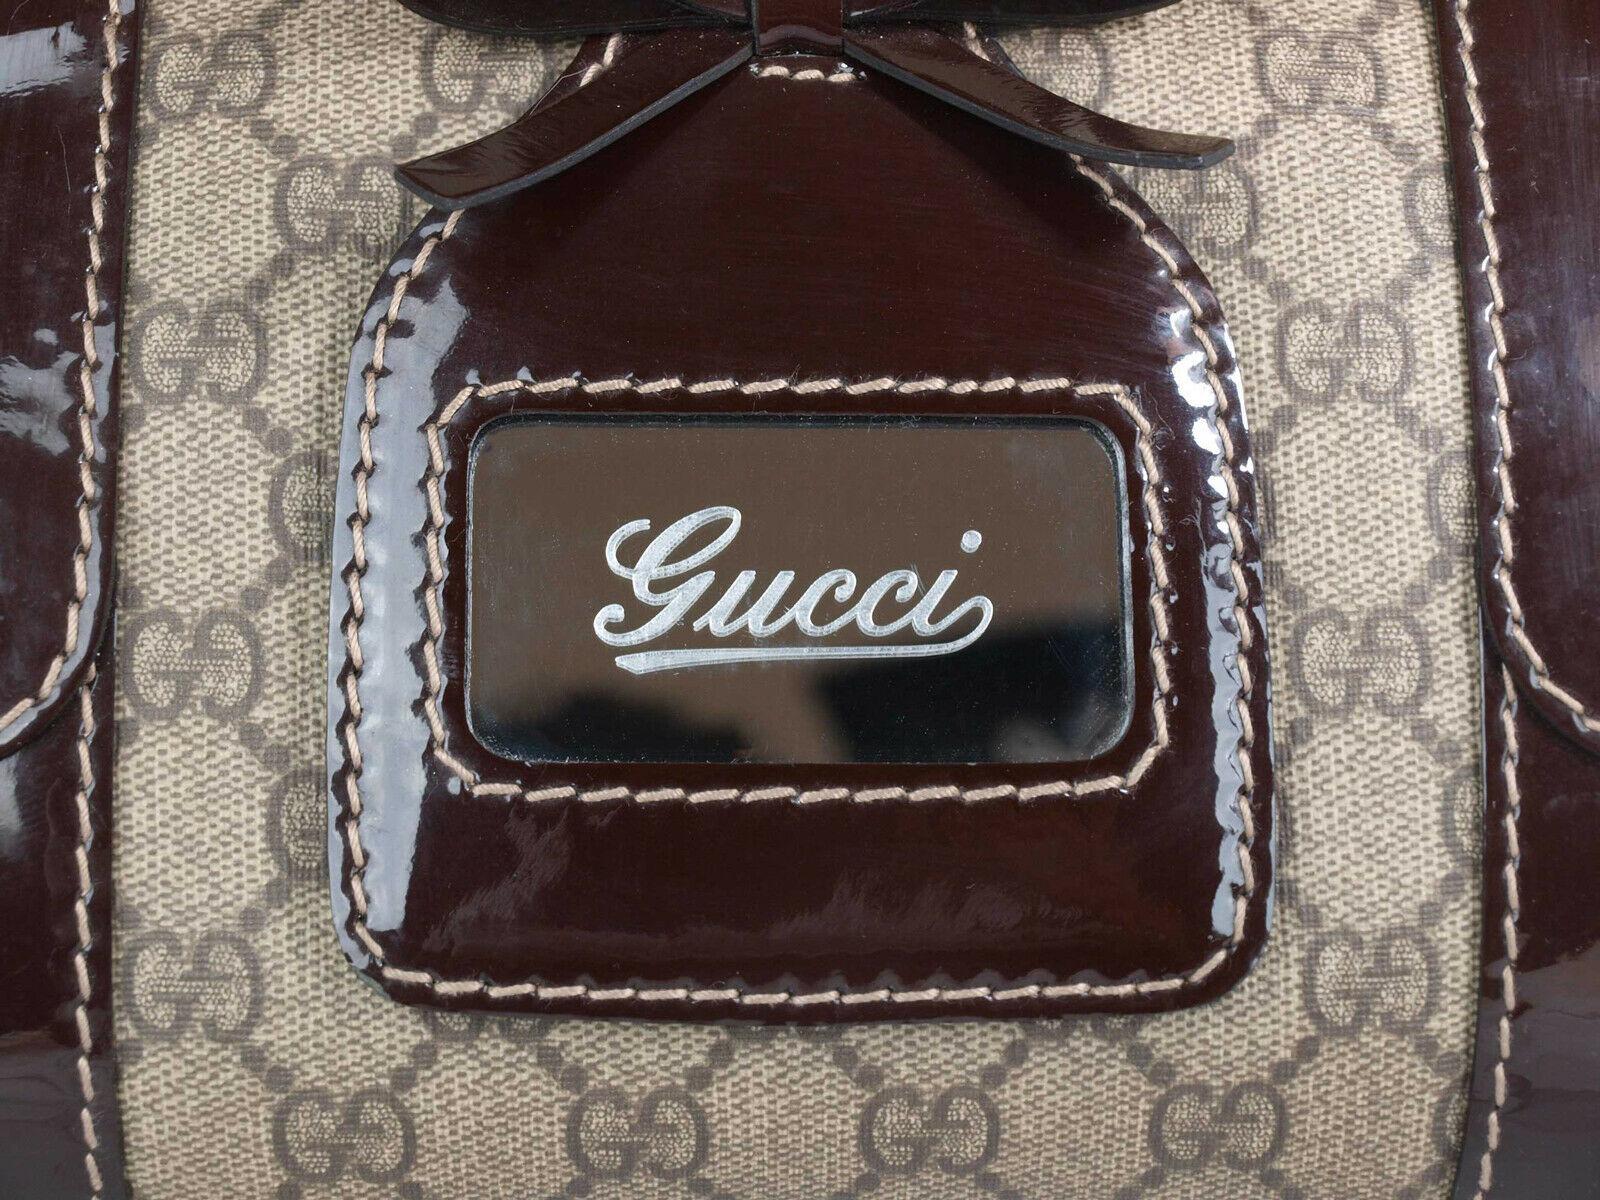 GUCCI GG Web PVC Canvas Patent Leather Browns Shoulder Bag GS2242 image 2